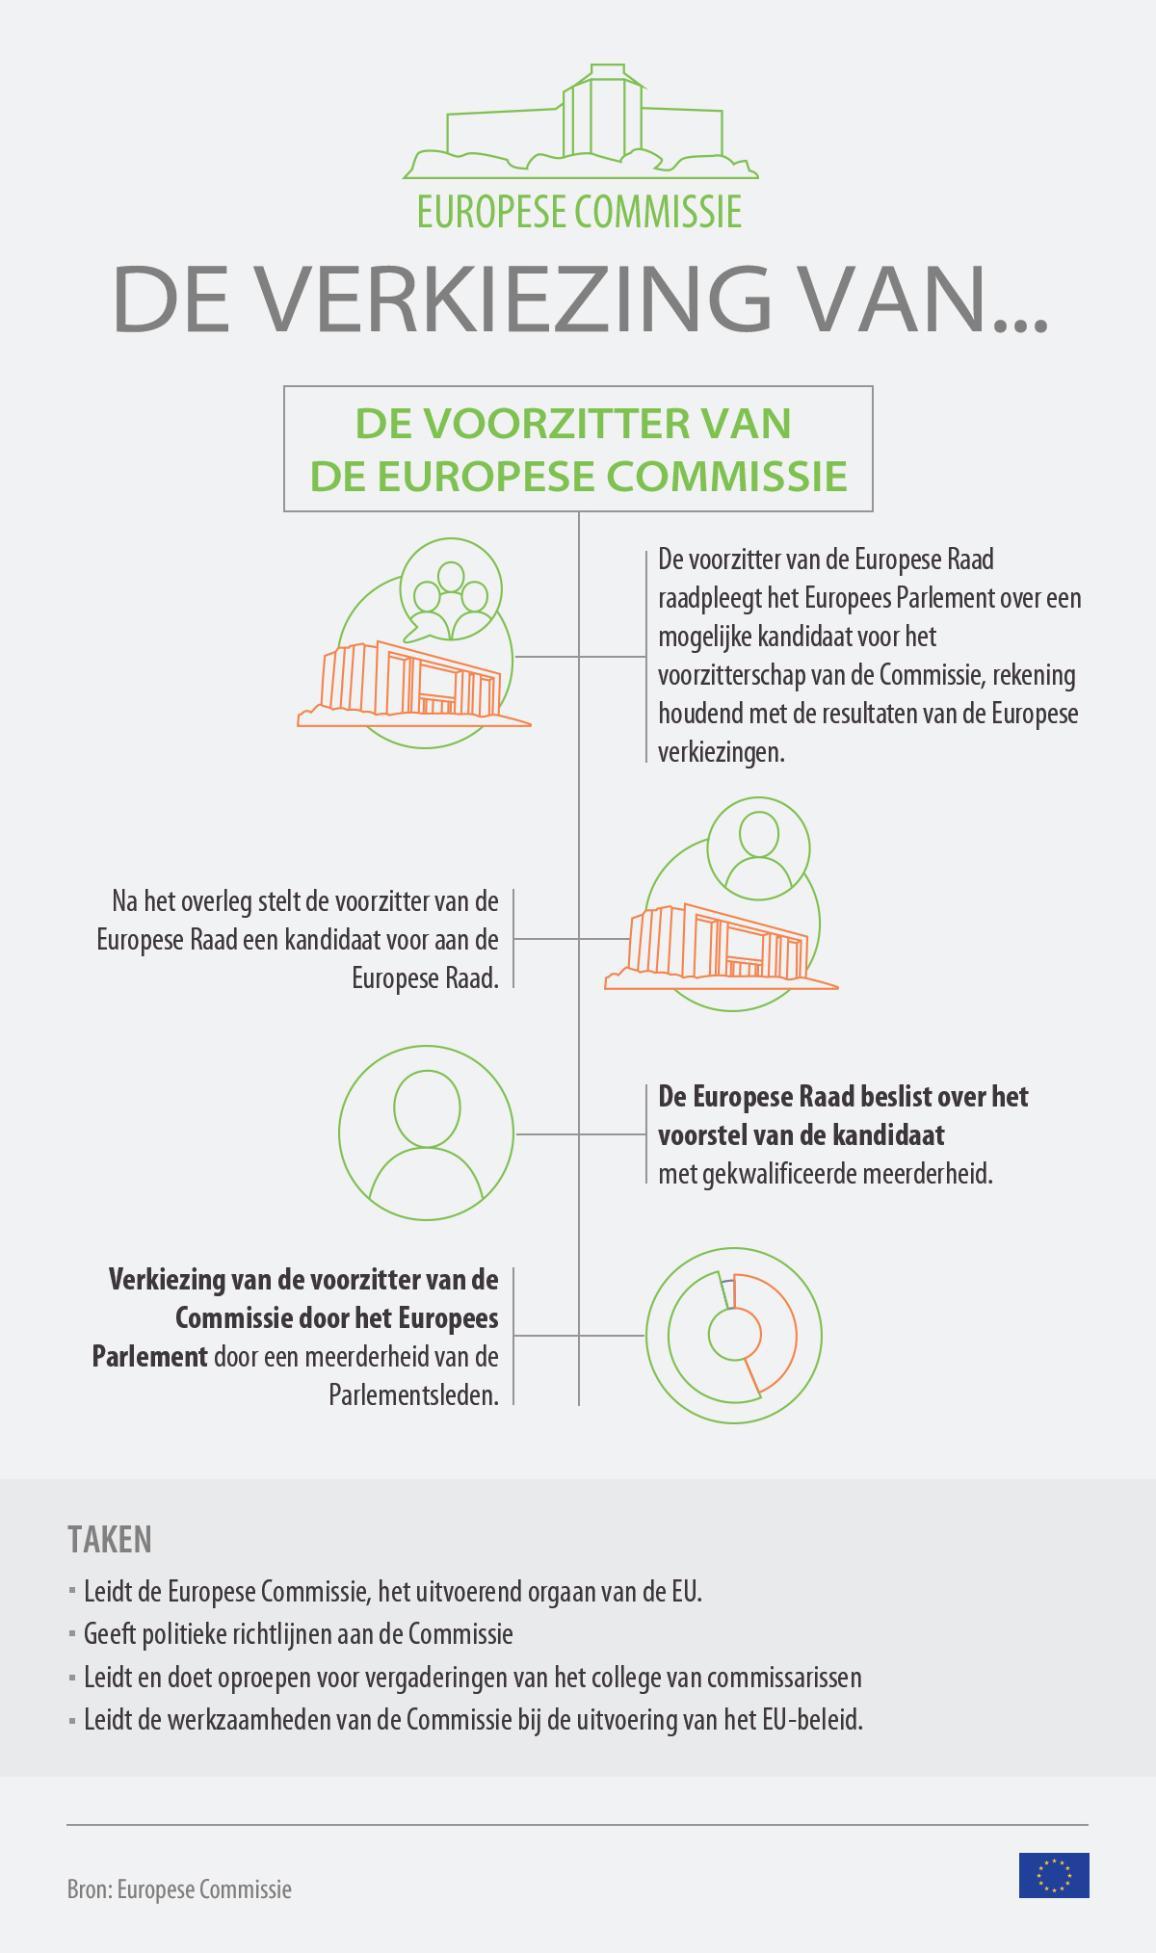 Infografiek over hoe de voorzitter van de Europese Commissie wordt verkozen. Copyright European Union 2019 -EP.